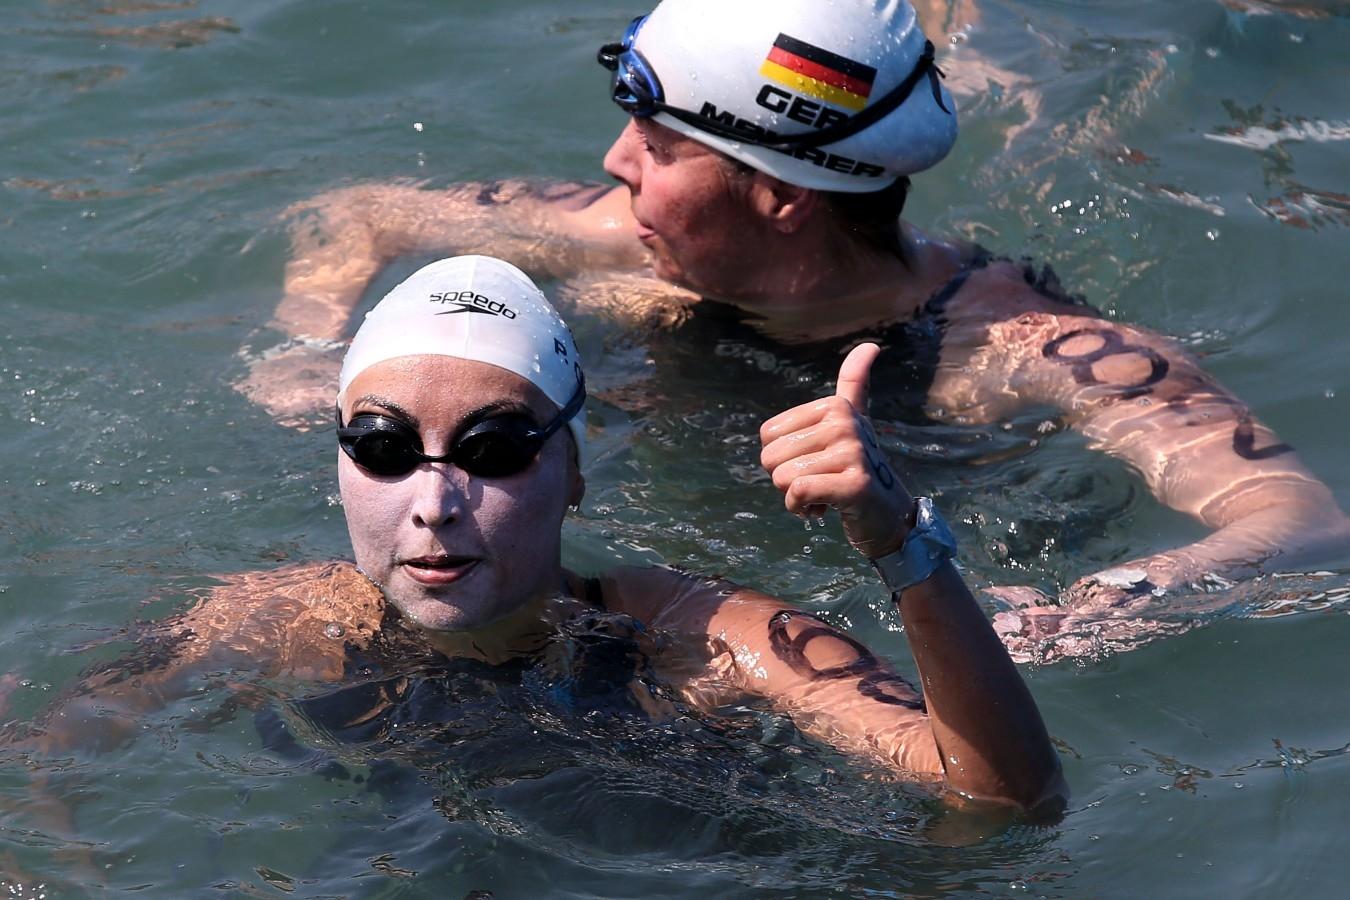 Poliana Okimoto. Copa do Mundo de Maratonas Aquaticas, etapa Travessia de Hong Kong na Repulse Bay . 18 de Outubro de 2014, Hong Kong. Foto: Satiro Sodre/SSPress.